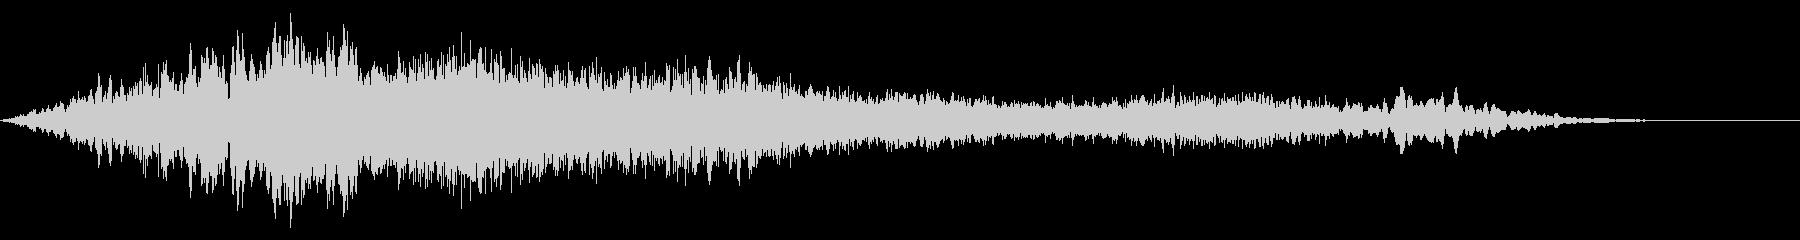 クリプトホラードローン:声の未再生の波形